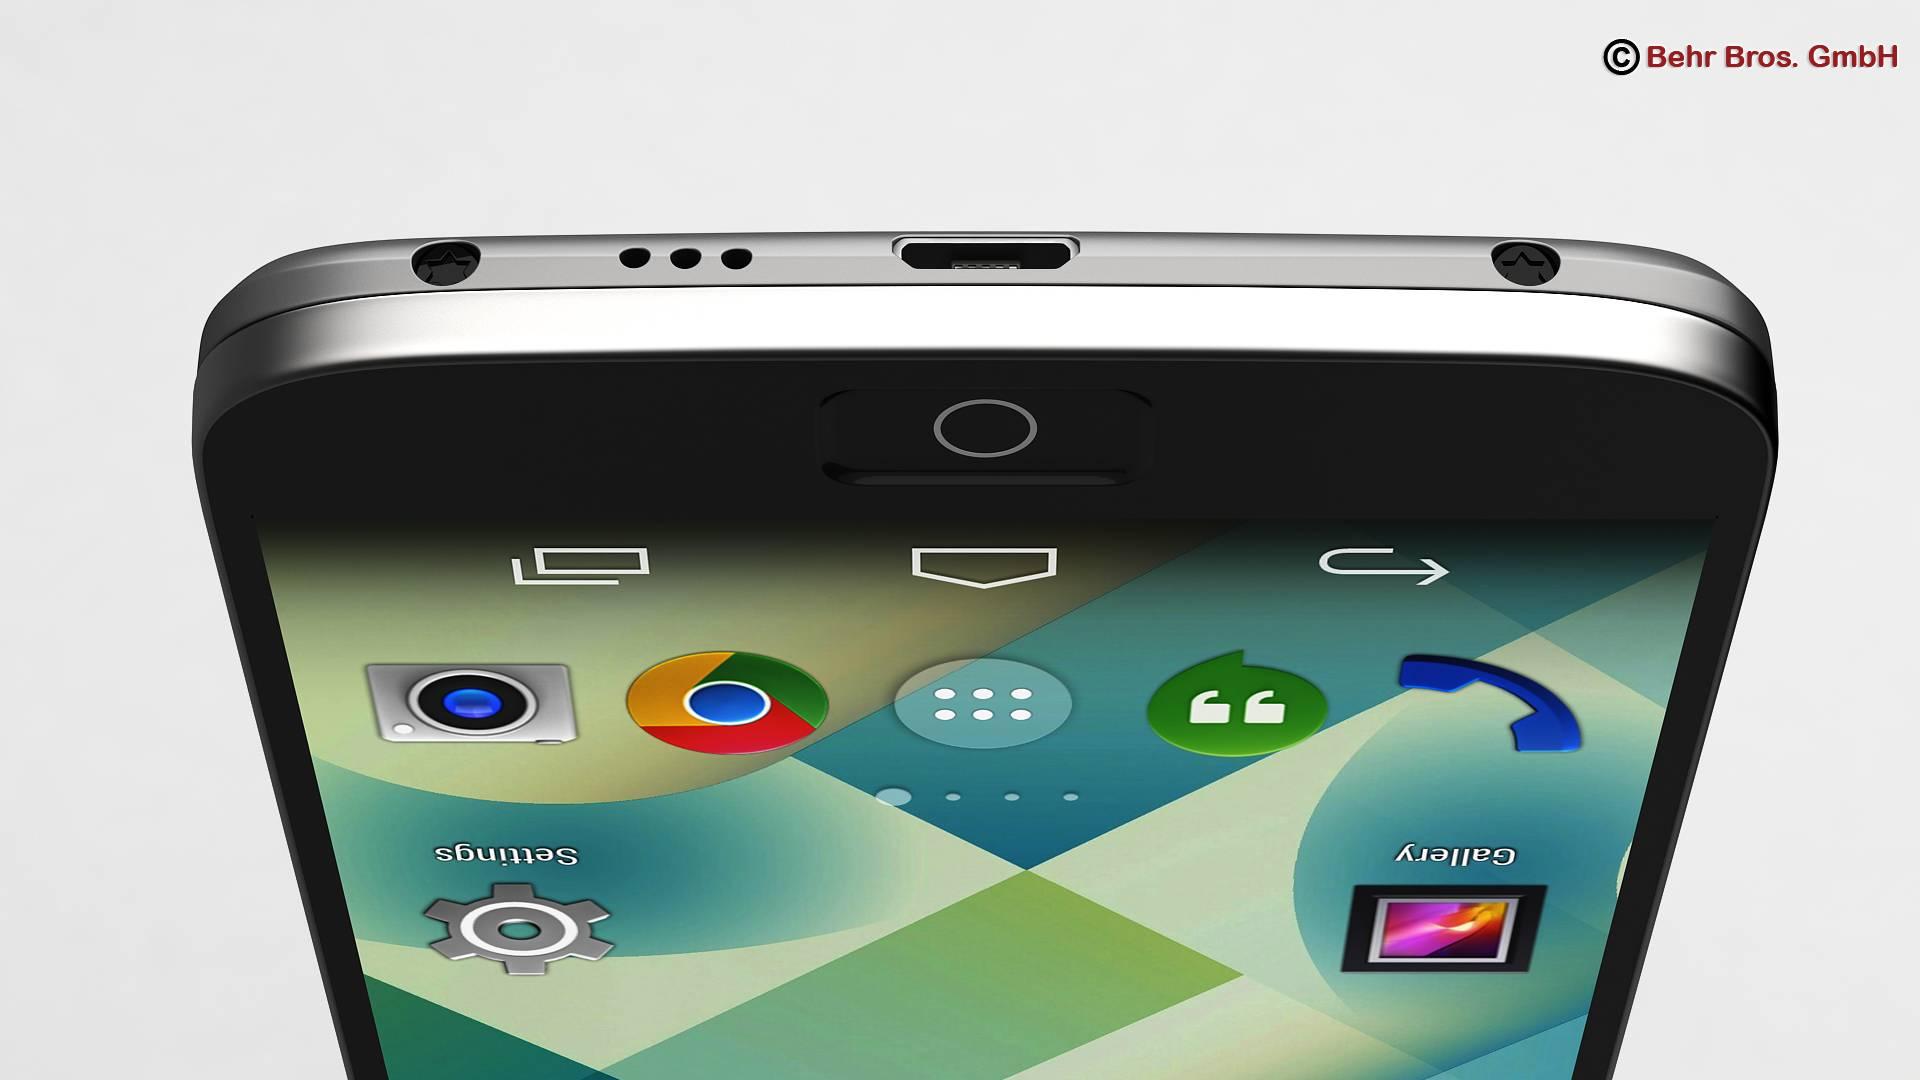 Generic Smartphone 5.2 Inch 3d model 3ds max fbx c4d lwo lws lw ma mb obj 161652